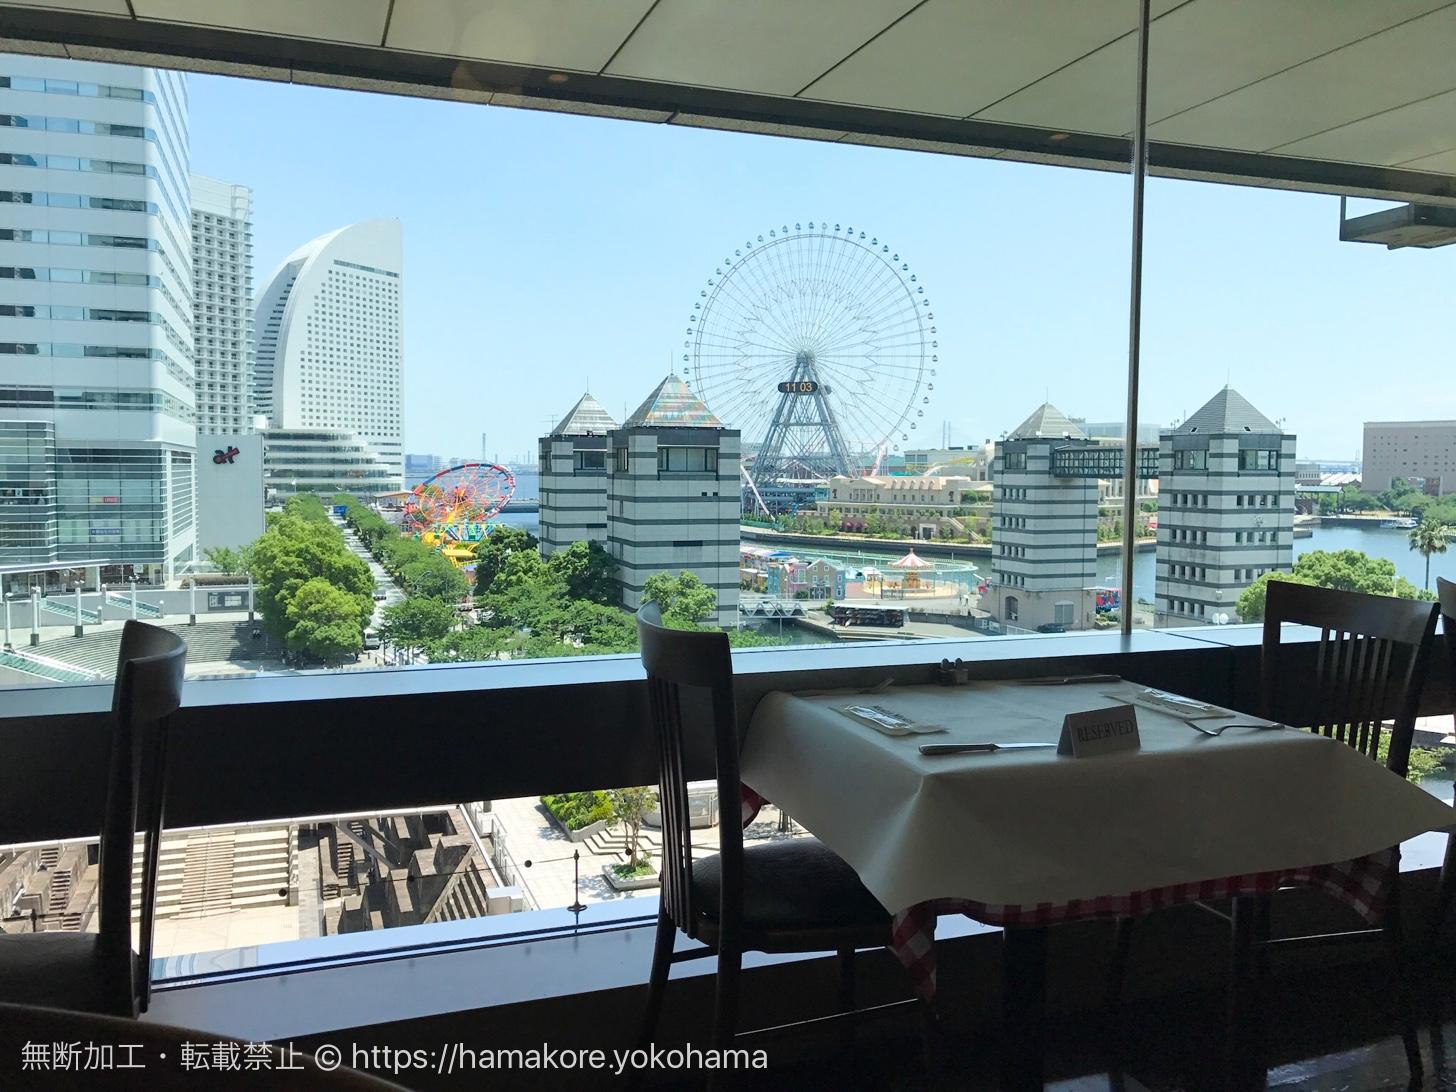 横浜ランドマークタワー「マンジャマンジャ」は週末ランチにおすすめ!みなとみらいの景色広がる